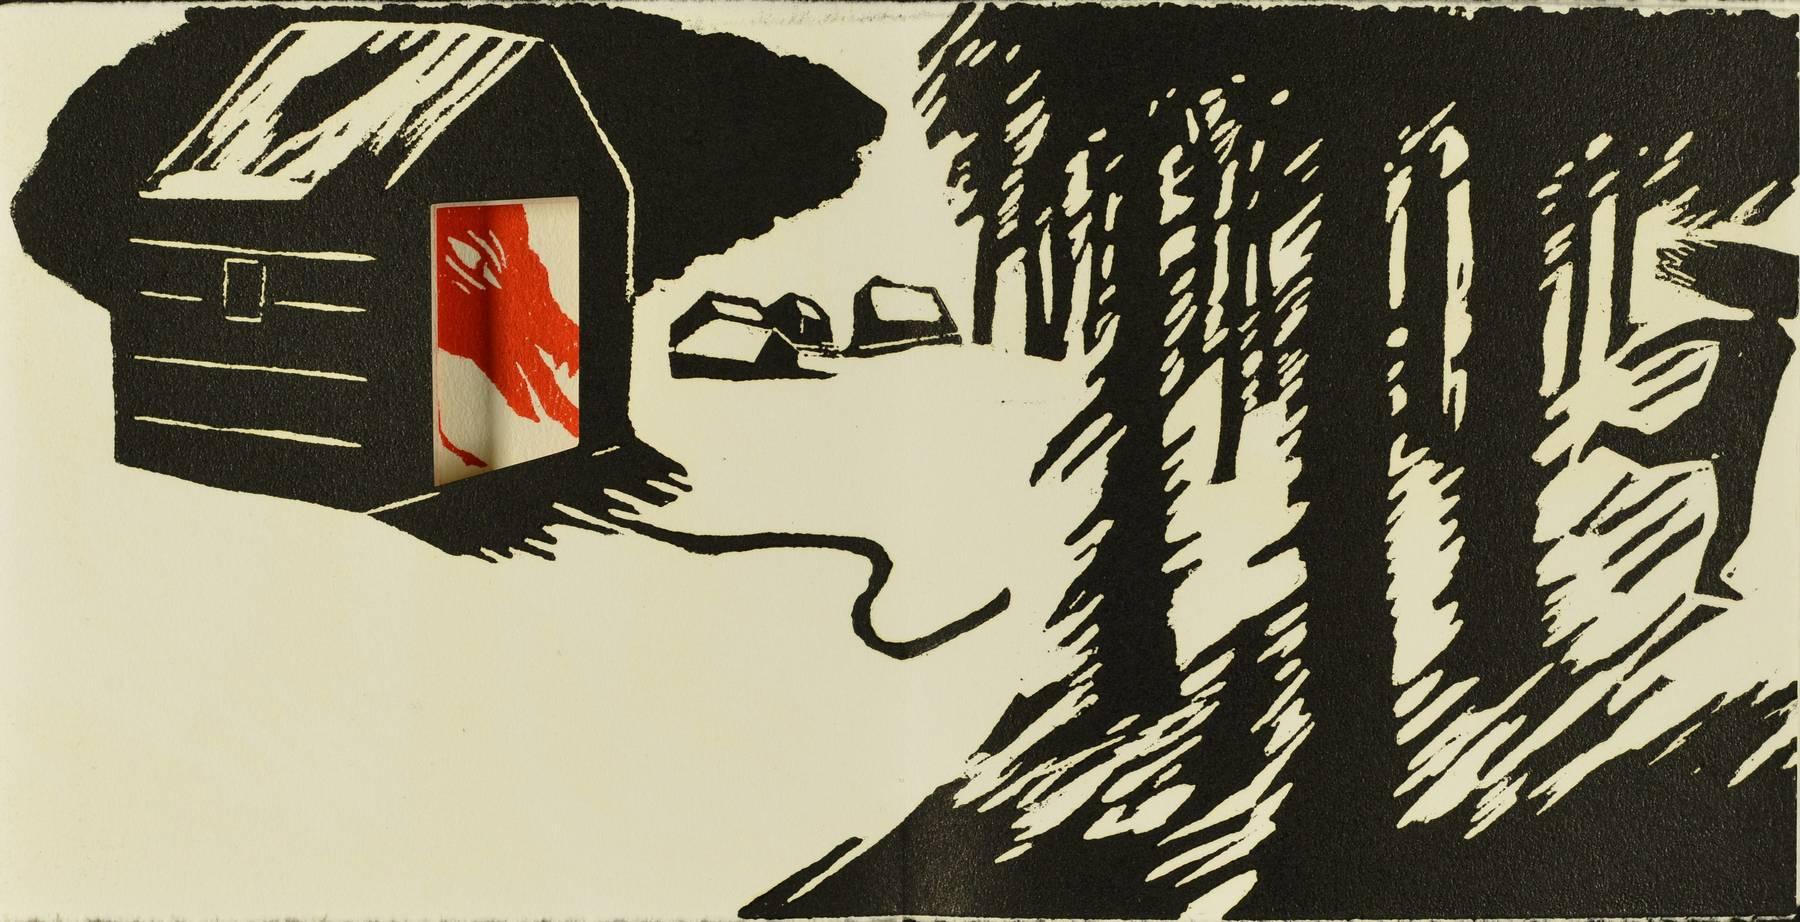 Contenu du Livre d'artiste - La fuite du Petit Chaperon rouge